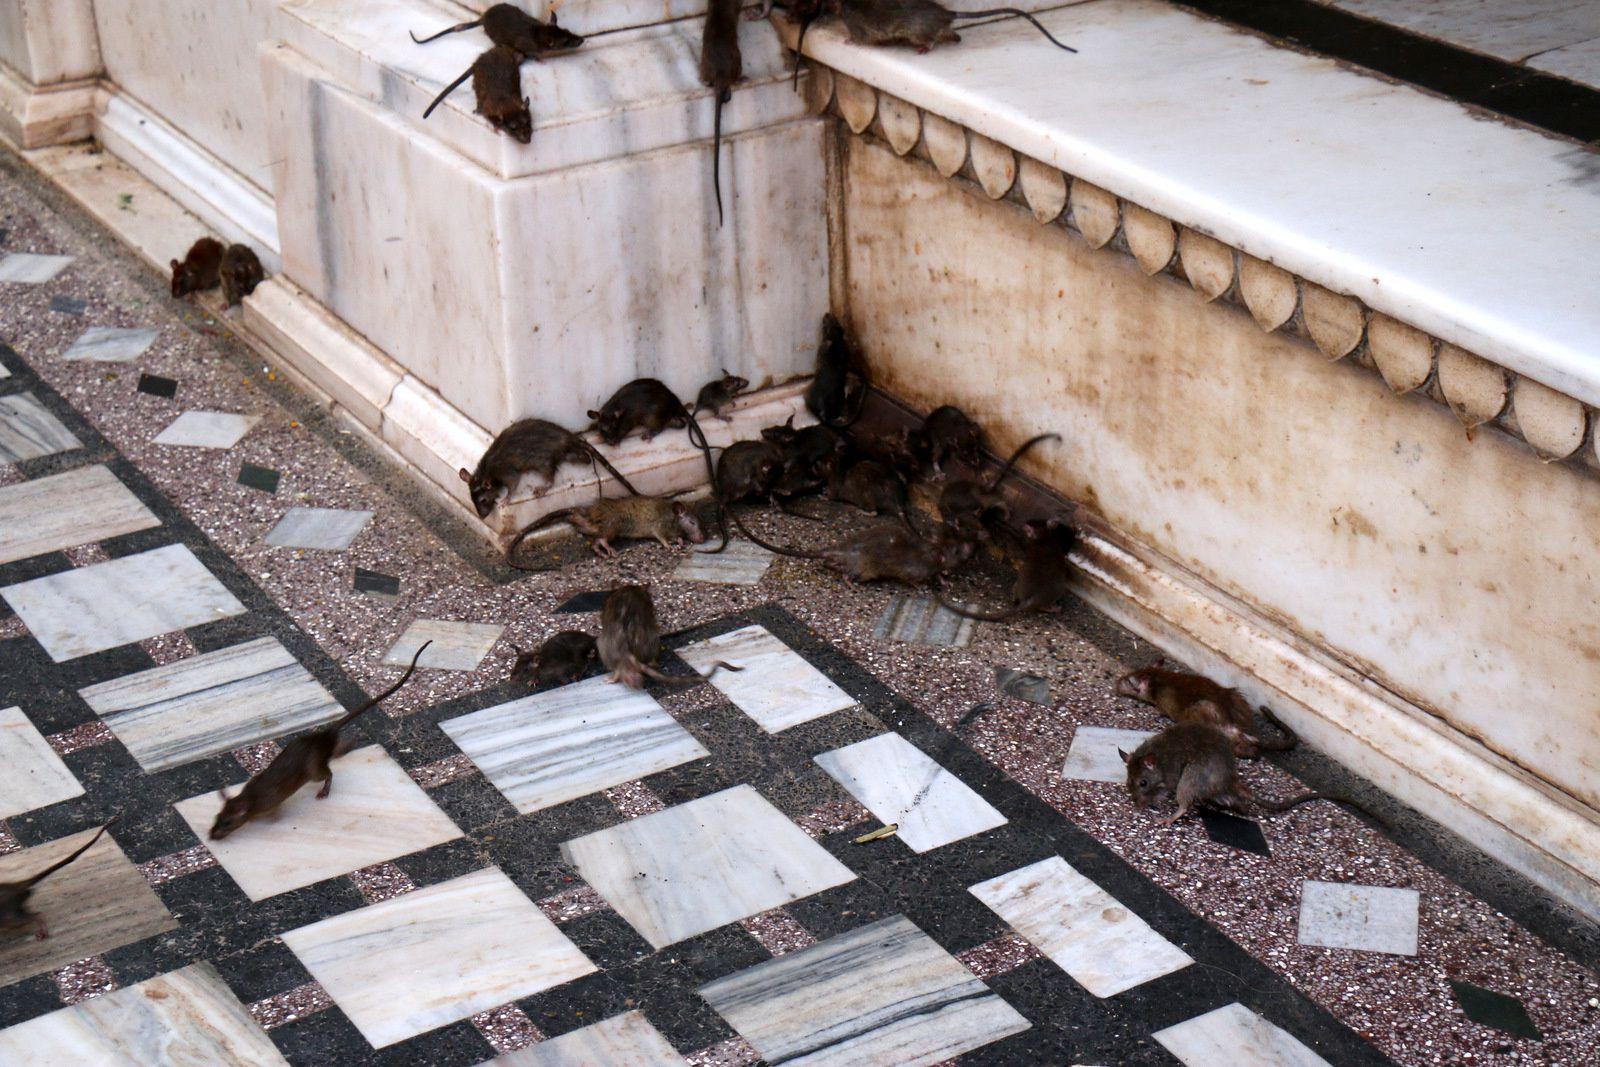 Les rats du temple de Karni Mata, Deshnoke (Inde)